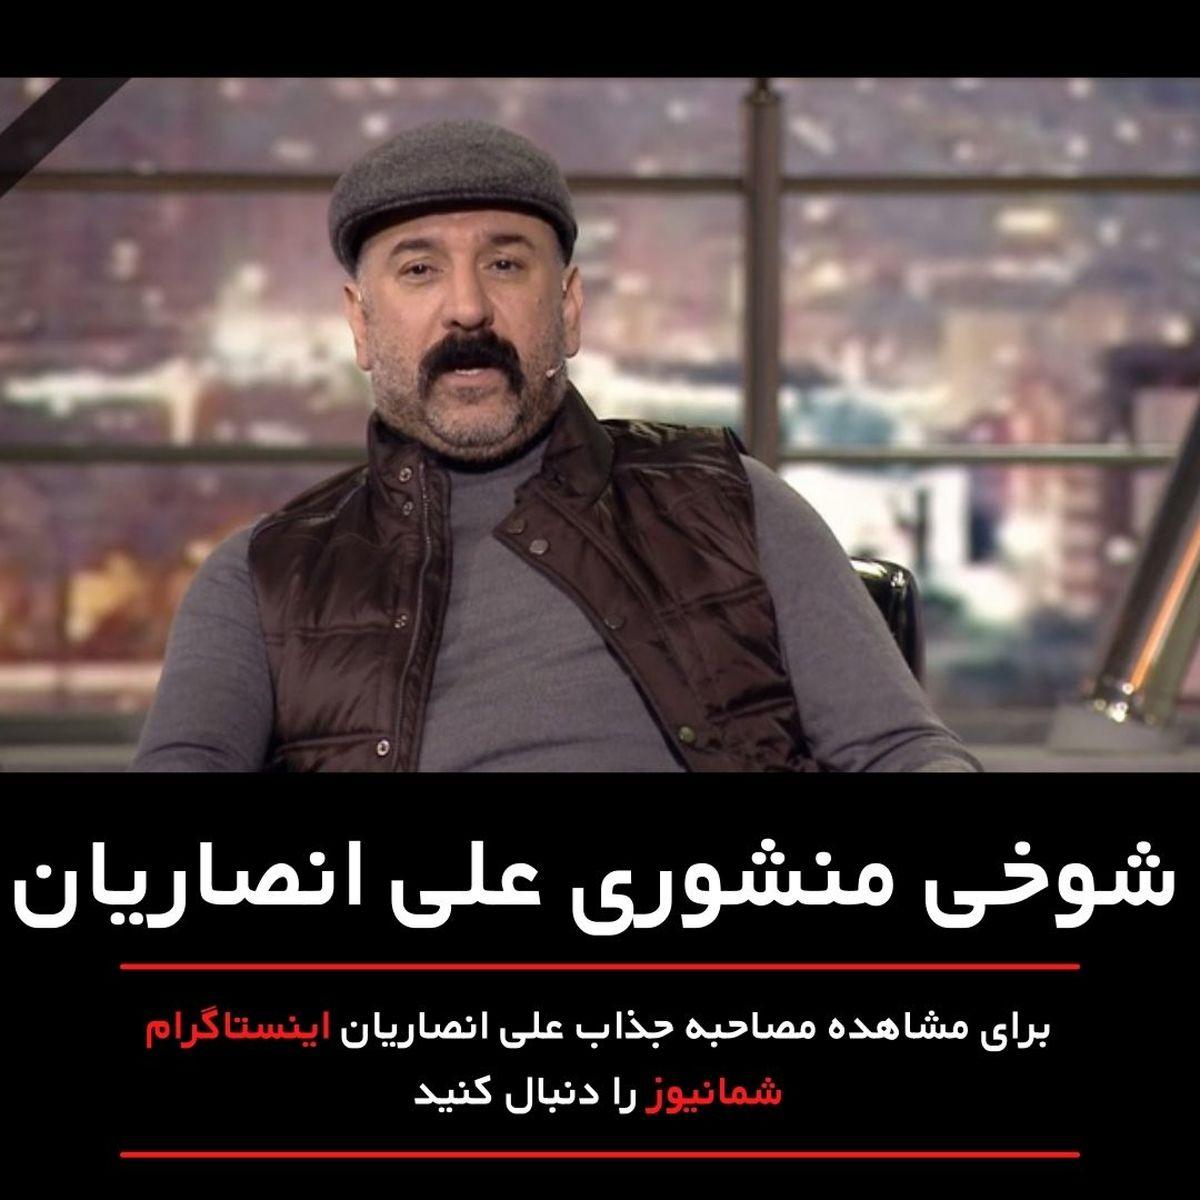 شوخی منشوری علی انصاریان در پخش زنده غوغا کرد + فیلم